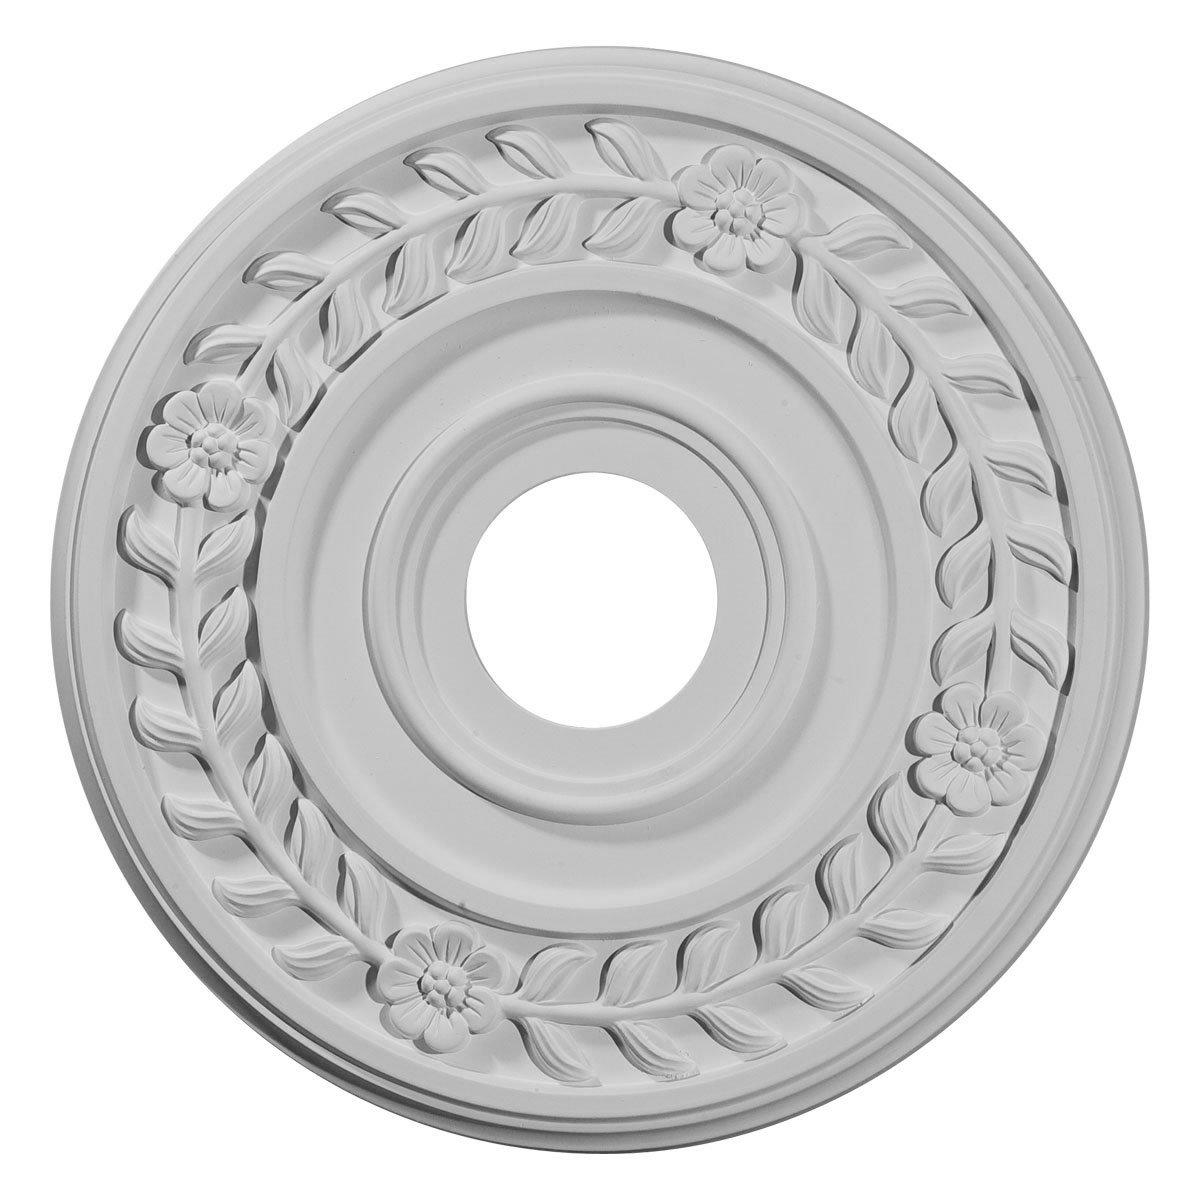 Ekena Millwork CM16WR 16 1/4-Inch OD x 3 5/8-Inch ID x 1-Inch Wreath Ceiling Medallion